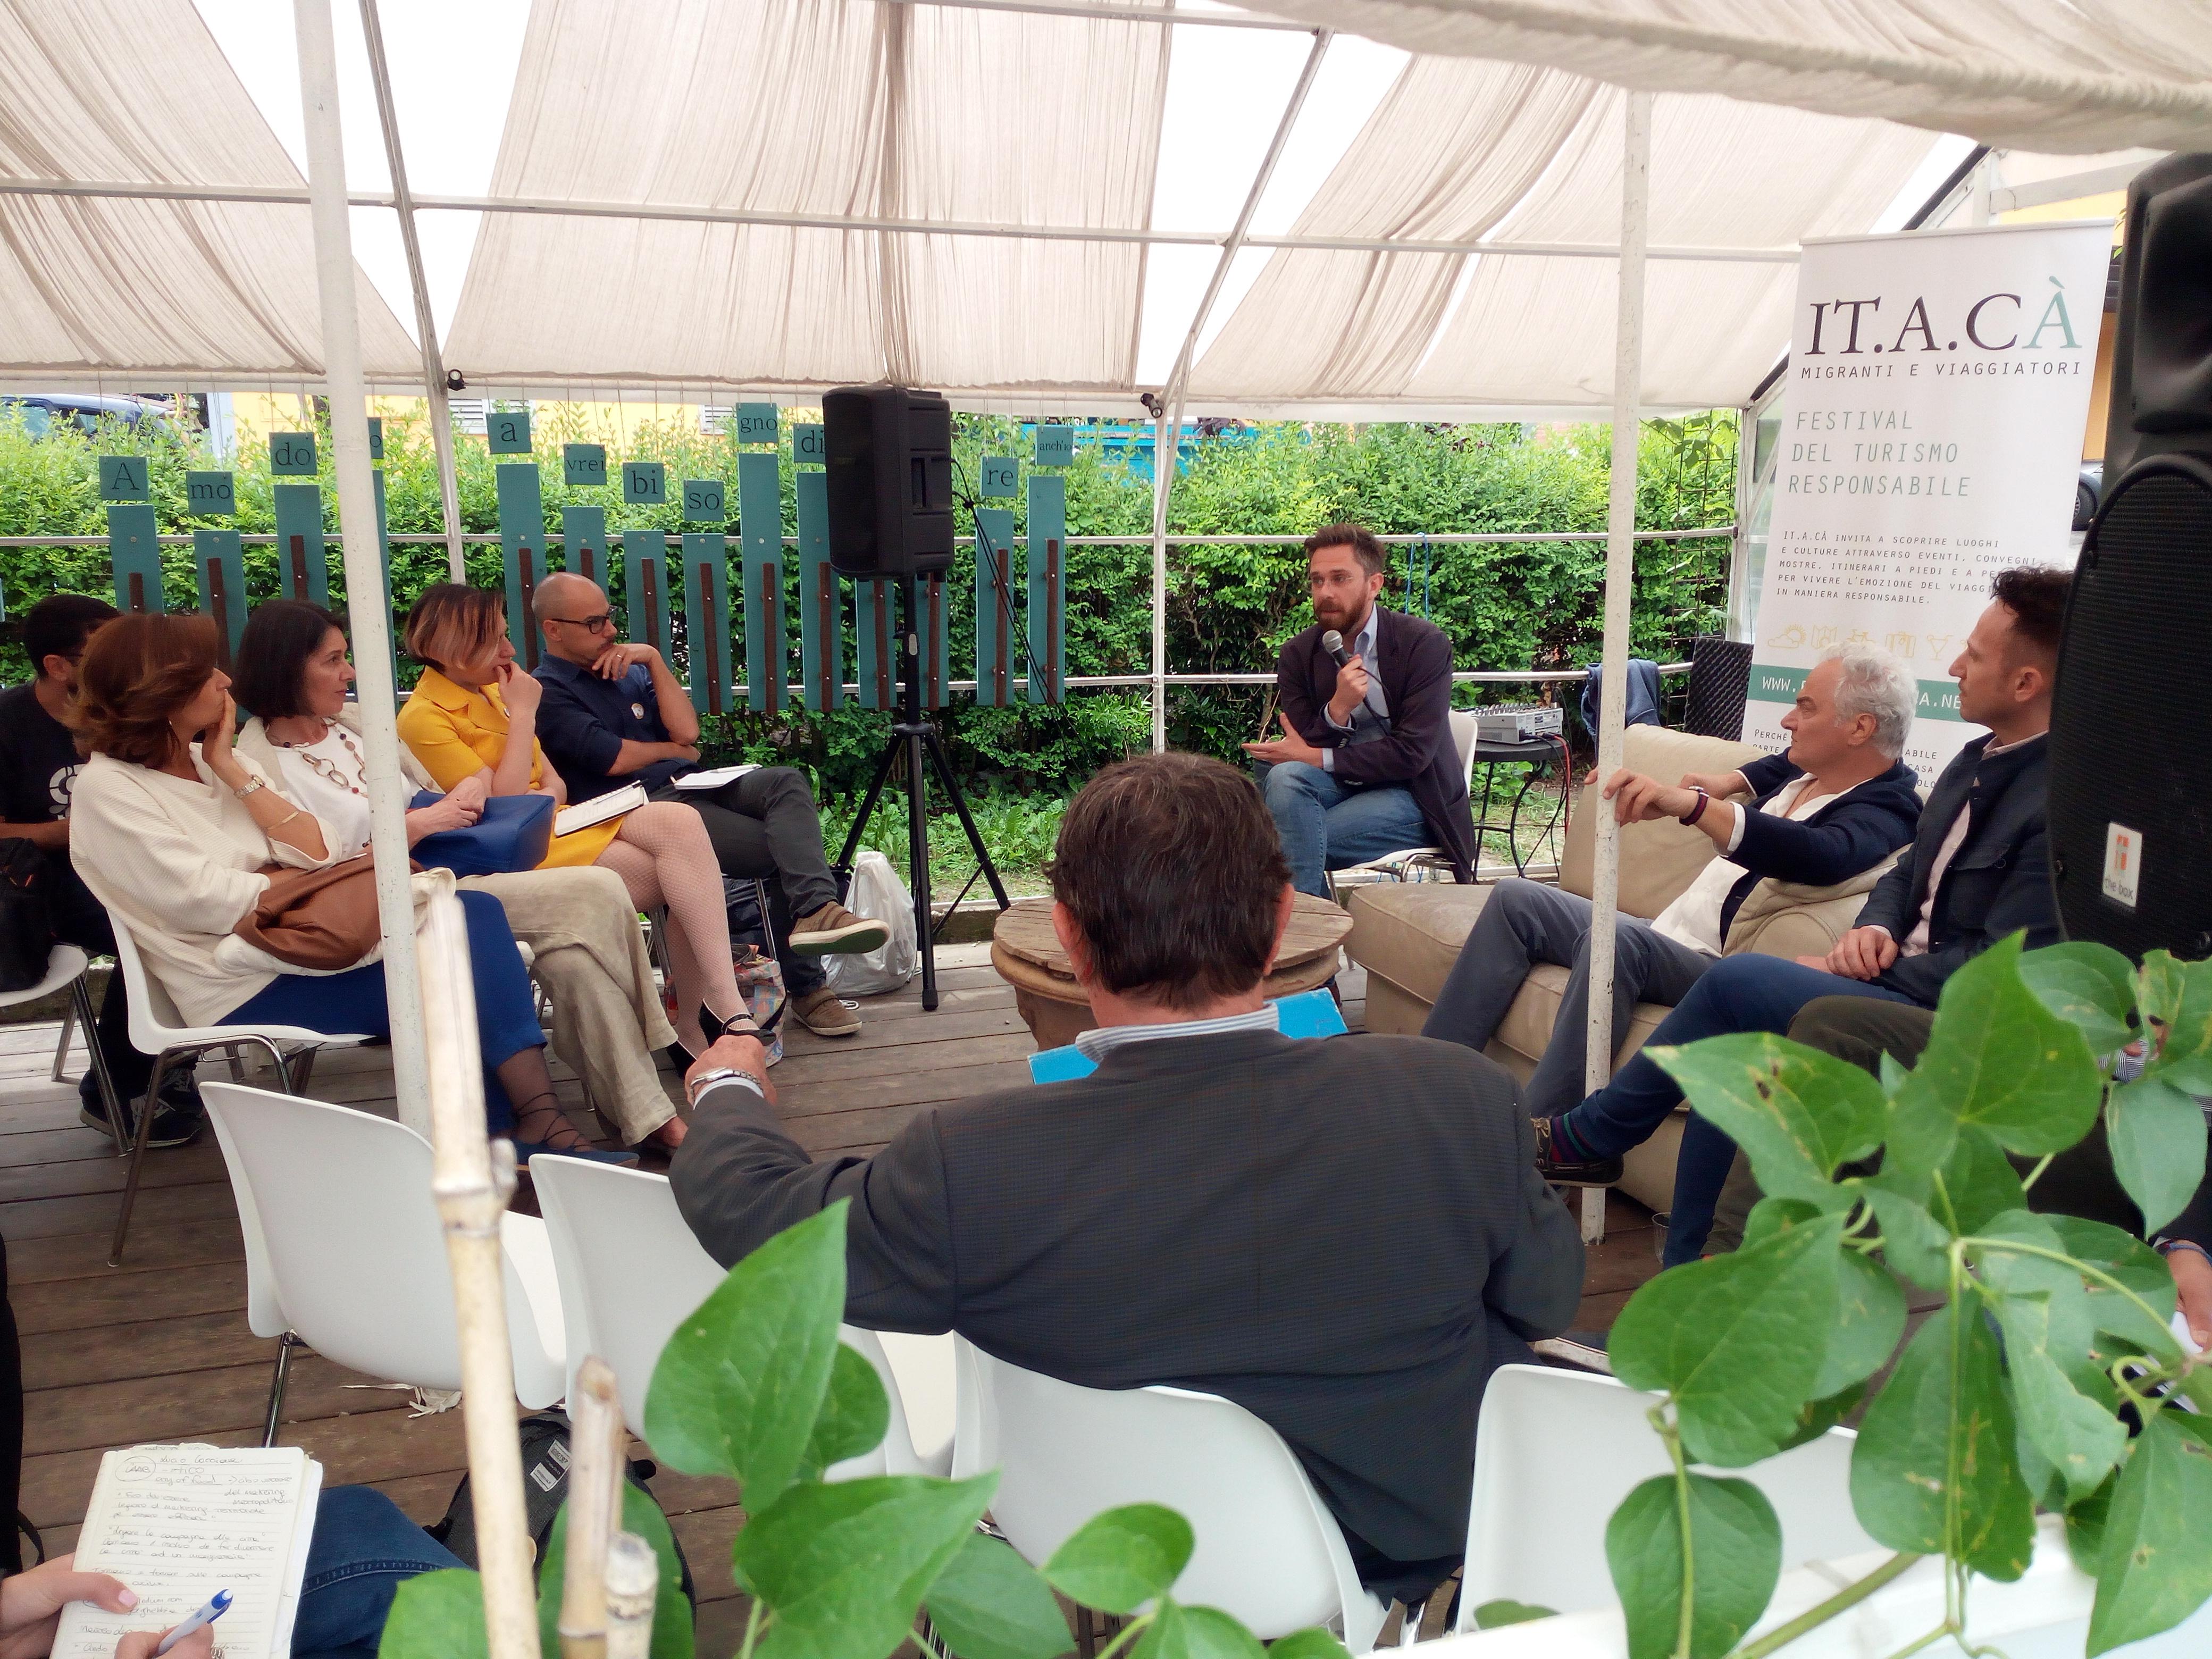 Adotta un Turista - tavola rotonda durante il Festival del Turismo Responsabile ITACA' alle Serre dei Giardini Margherita (Bologna)